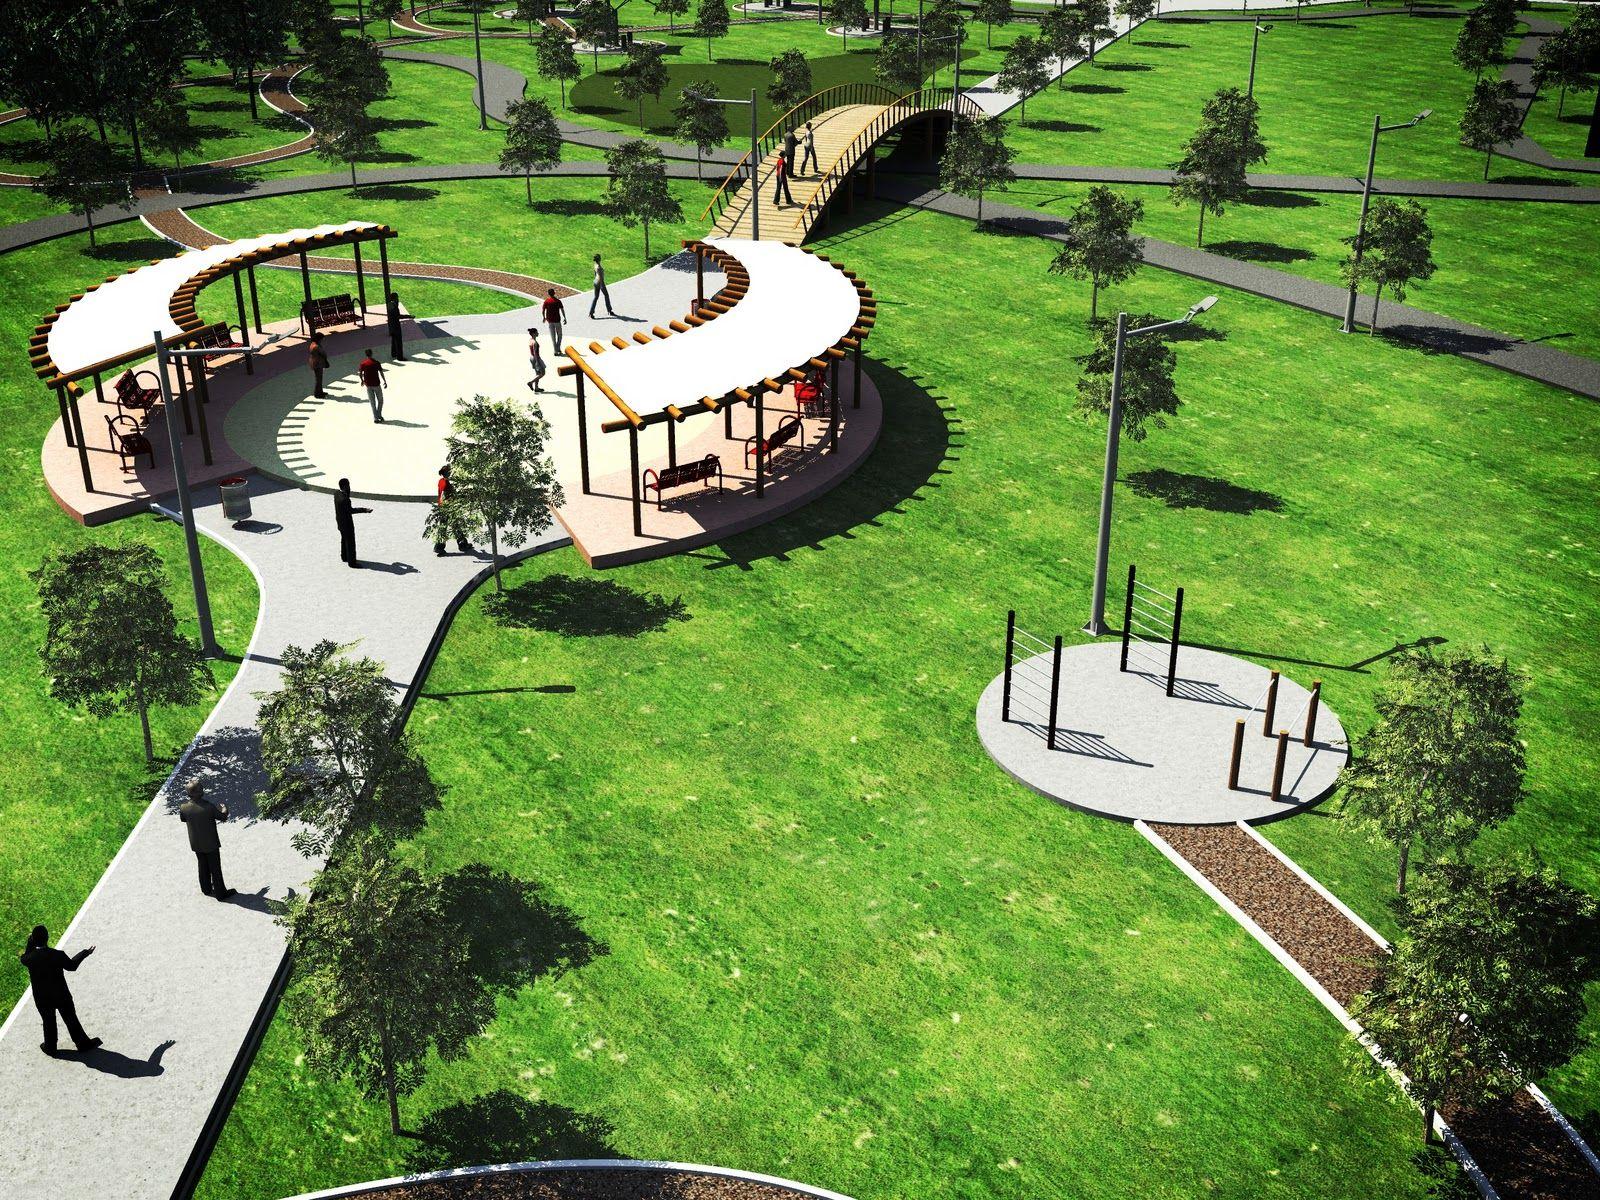 Parques dise o proyecto lambda dise o de parque for Ejemplos de mobiliario urbano